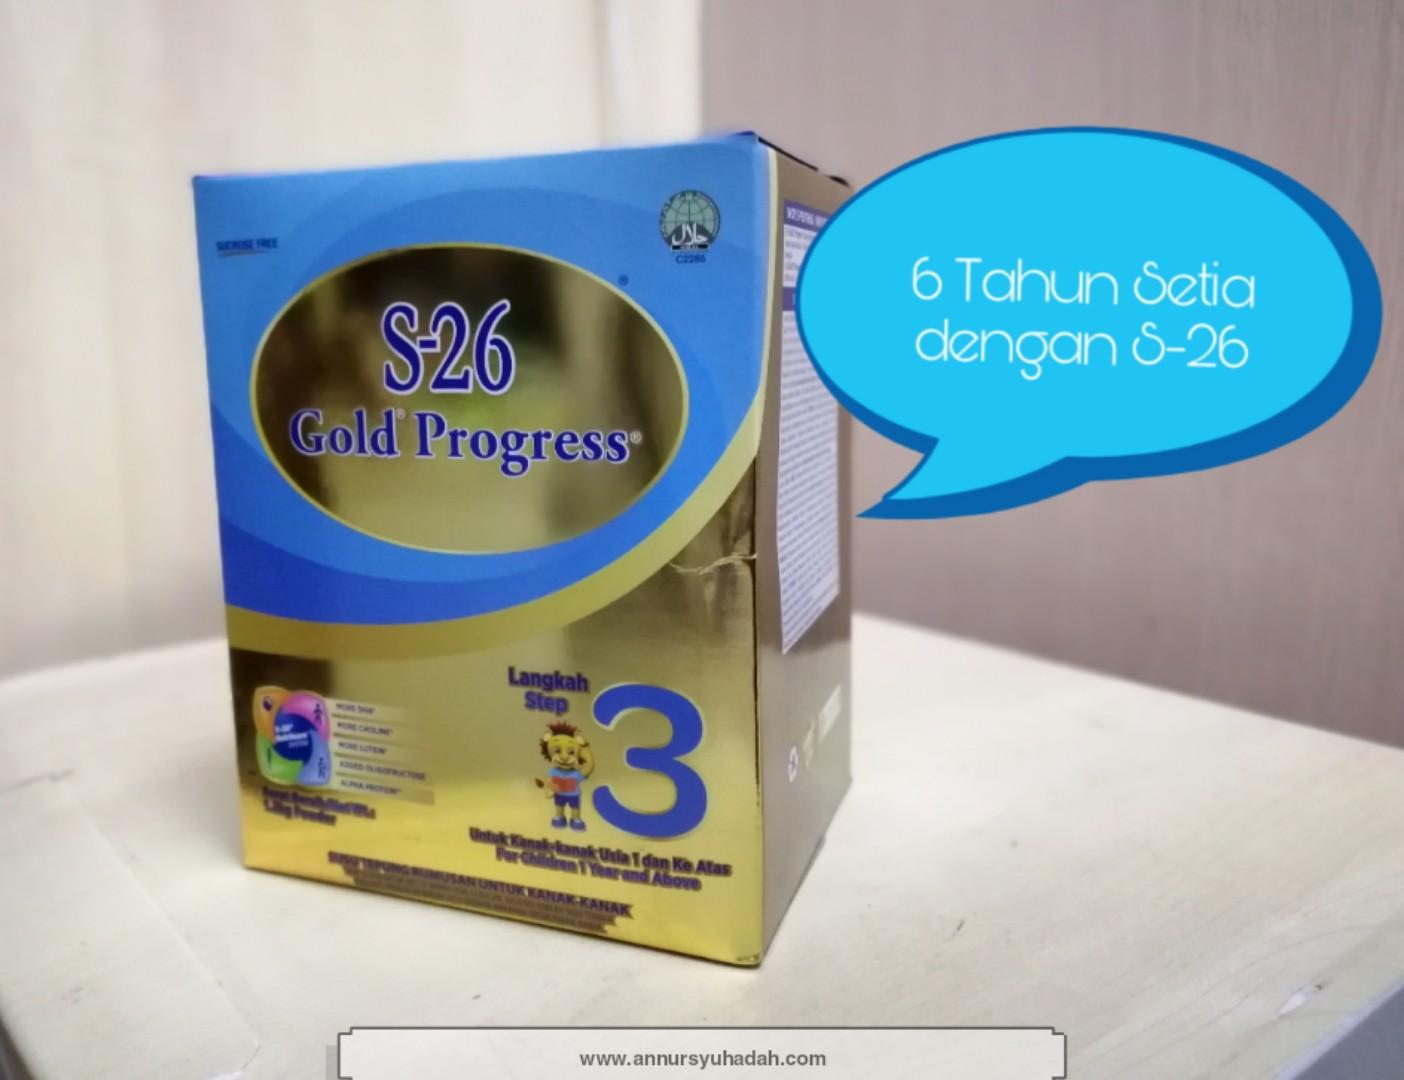 6 sebab kenapa saya suka susu S26 Gold Progress, harga susu s26, status halal susu s26, susu formula untuk anak sembelit,